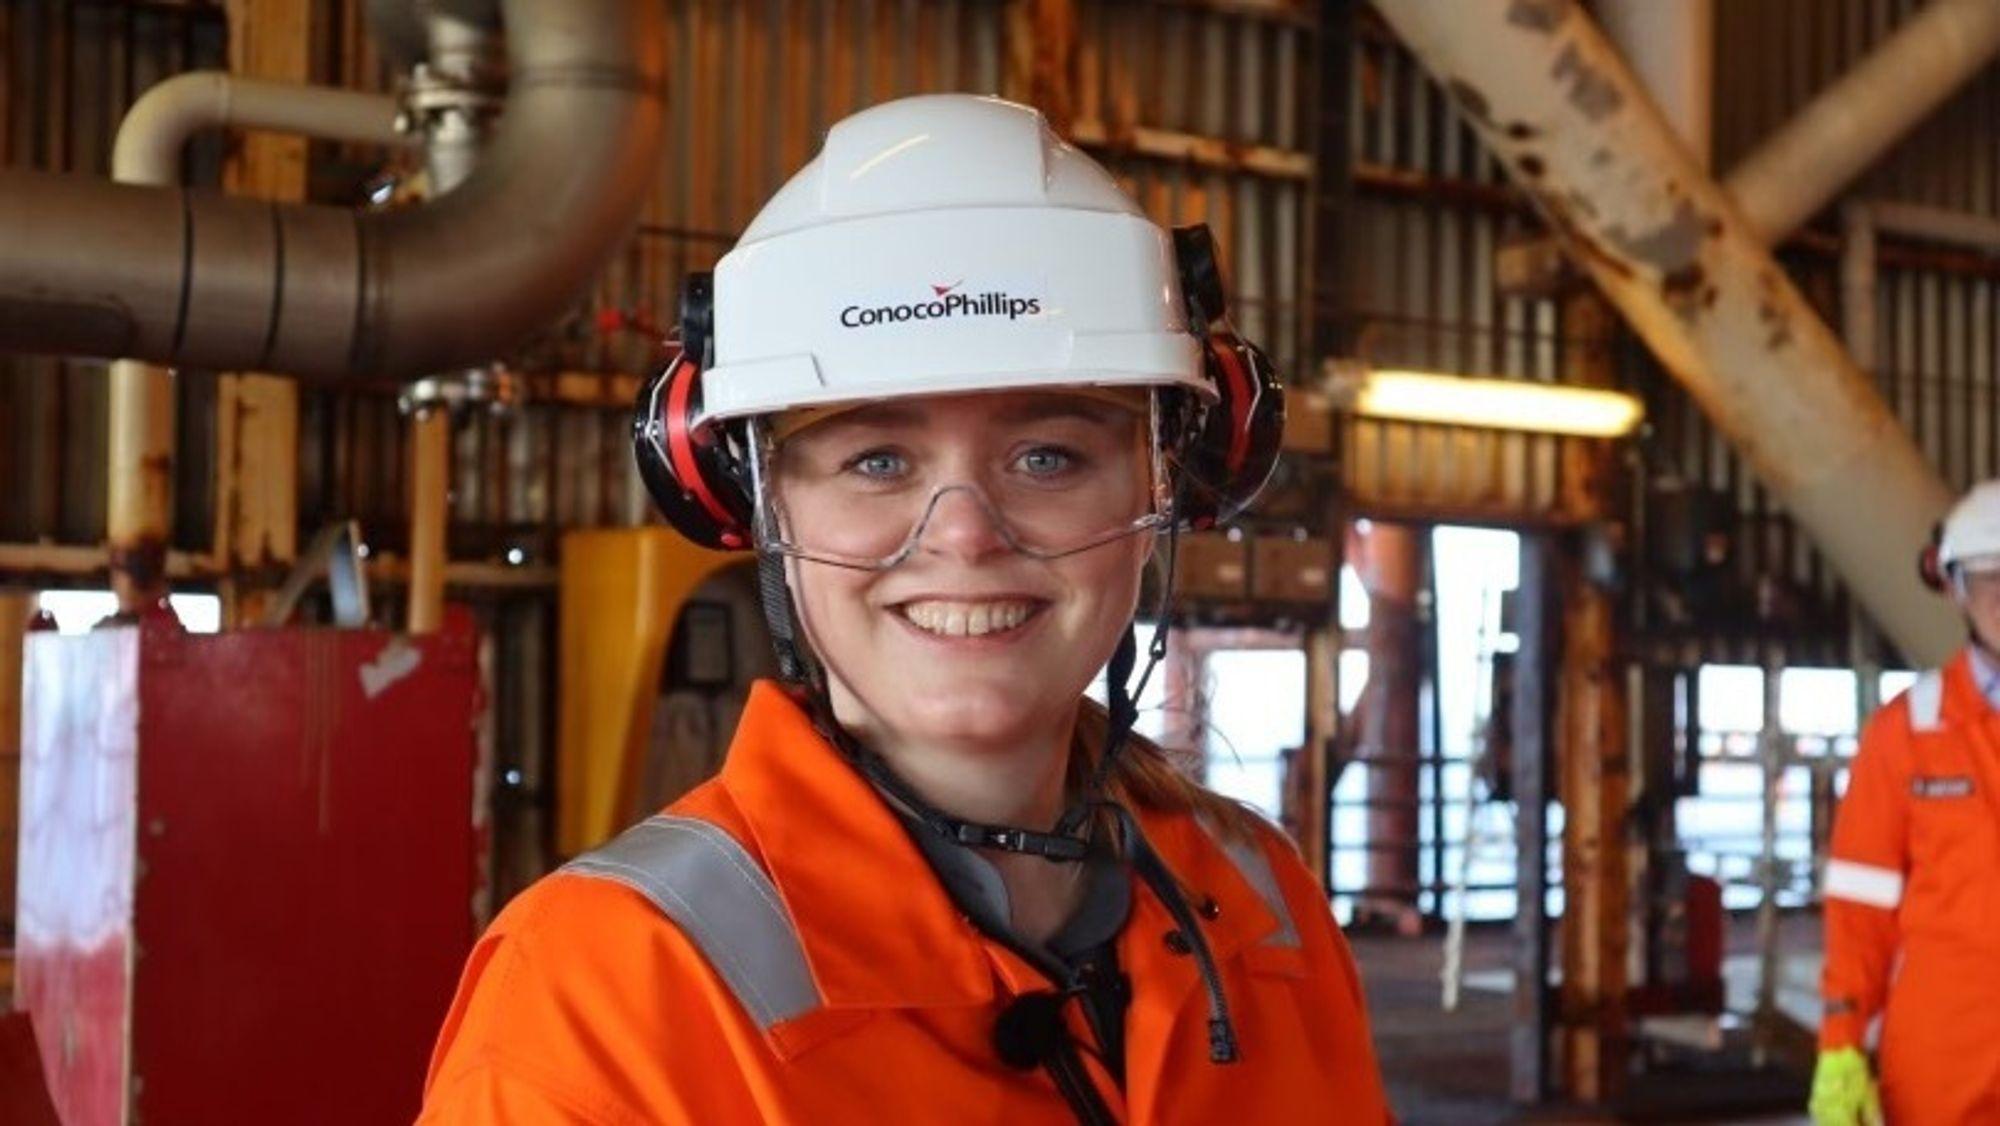 Olje- og energiminister Tina Bru avkrefter at det er aktuelt med norsk deltakelse i Danmark og Costa Ricas oljeslutt-allianse, i et svar på et skriftlig spørsmål fra SV.